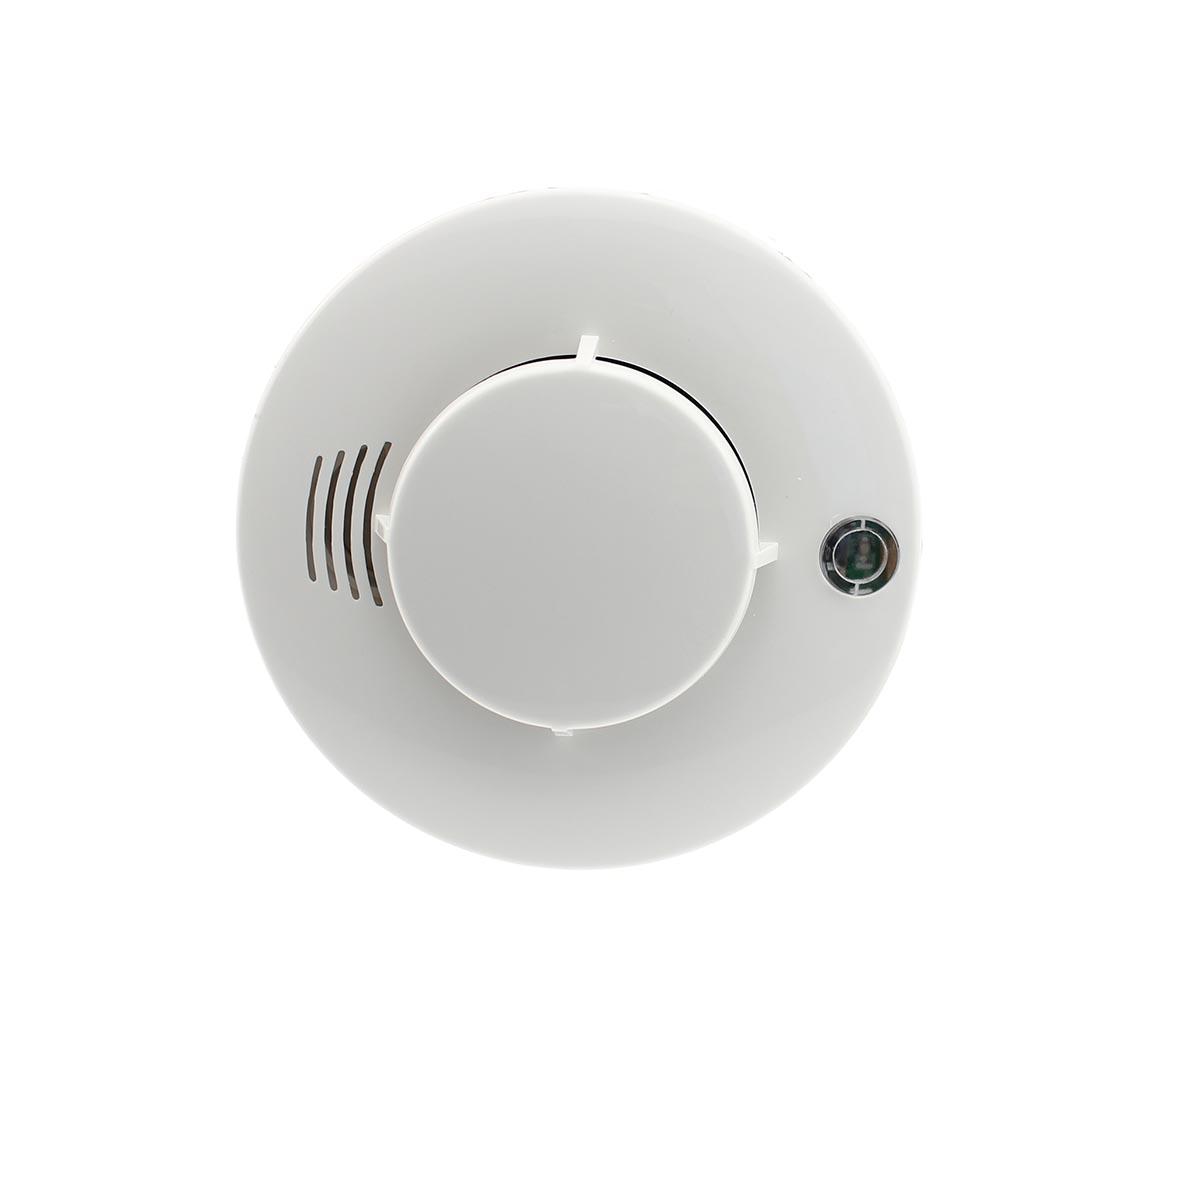 Rauchmelder zum T1 Alarmsystem